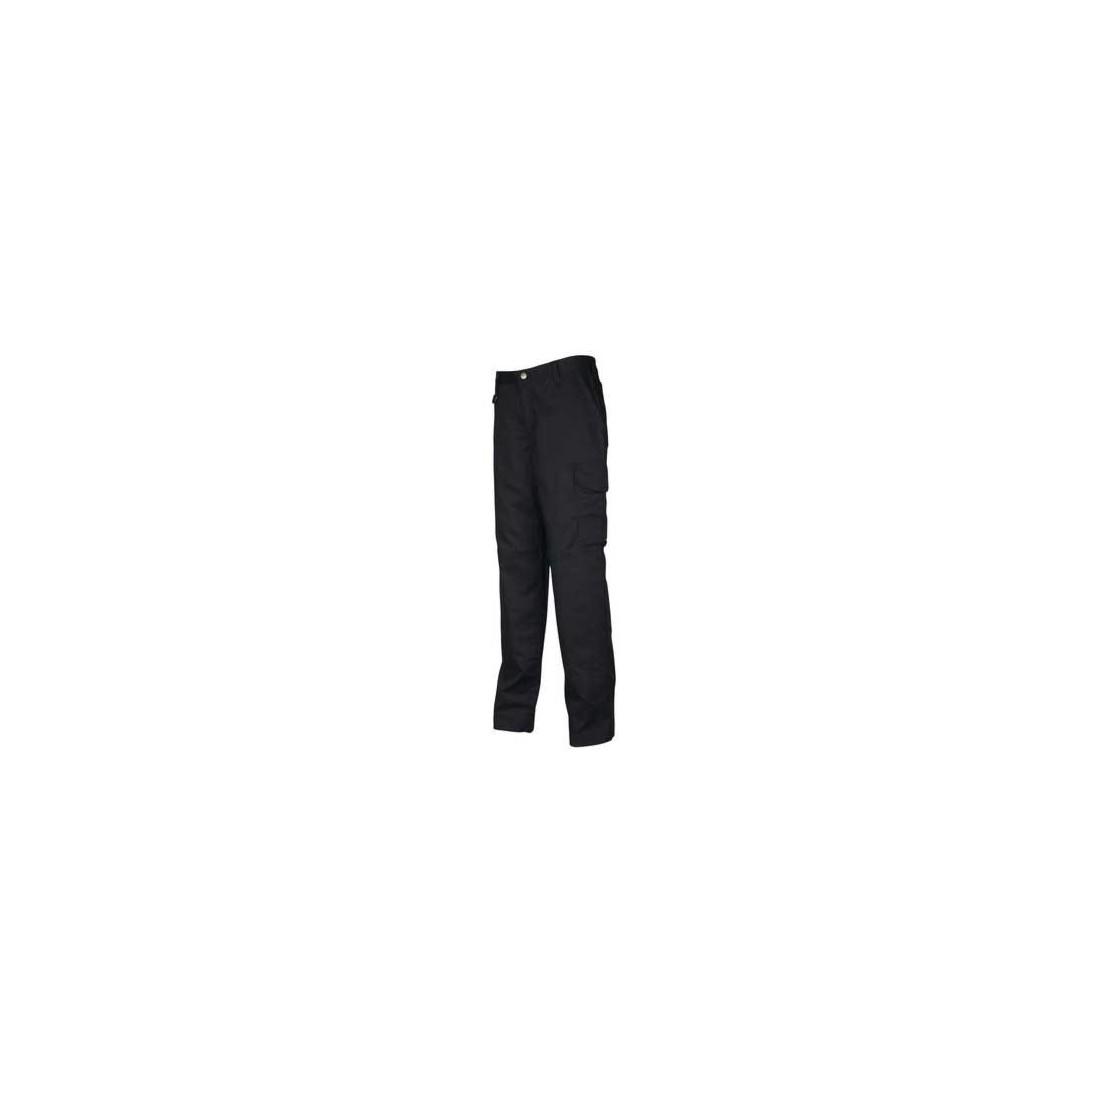 Pantalón multibolsillos mujer PROJOB mod. 2500